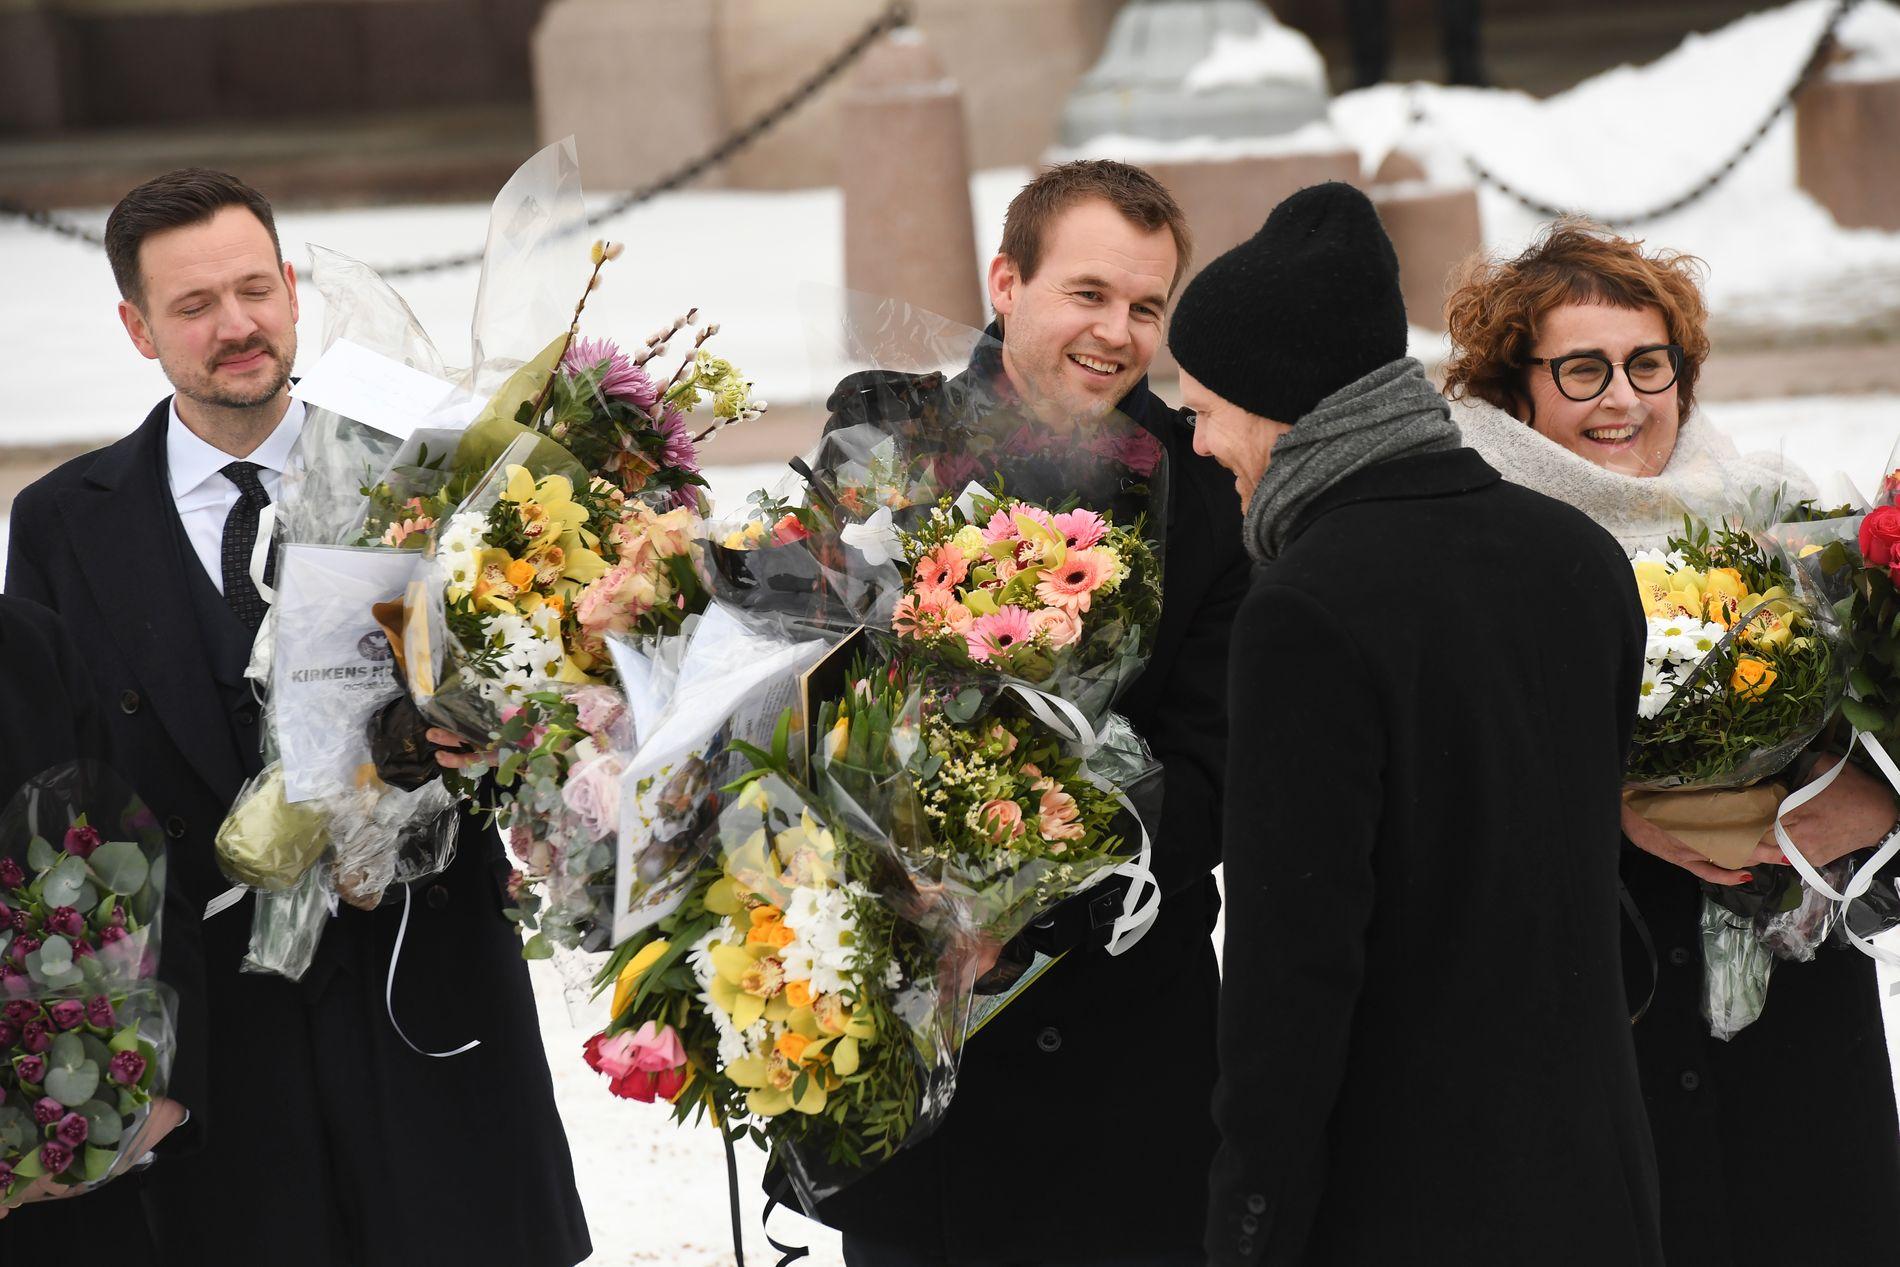 GOD STEMNING: Det er liten tvil om at det var god stemning blant de 21 statsrådene som kom ut fra slottet sammen med statsminister Solberg. Spøkene og latteren satt løst. Kjell Ingolf Ropstad fikk så mange blomsterbuketter at han hadde problemer med å holde alle sammen.